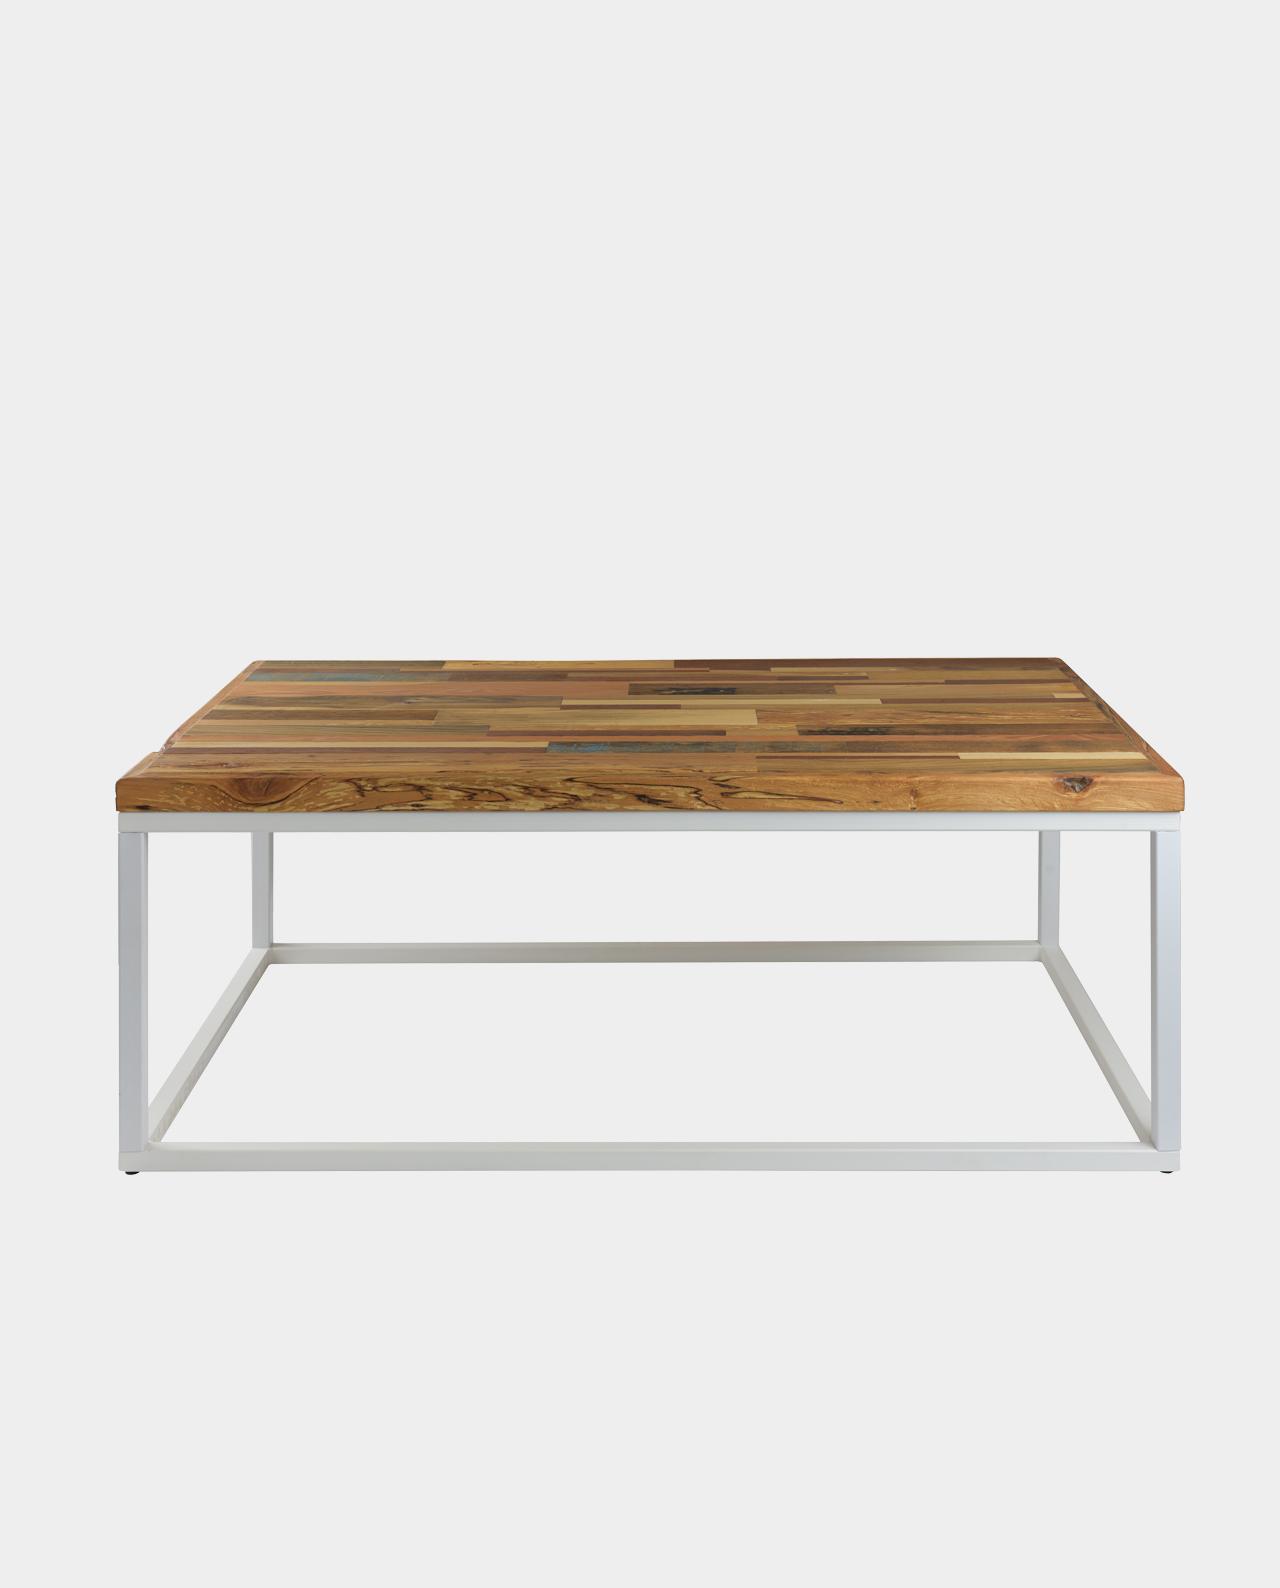 design couchtisch sture jetzt entdecken. Black Bedroom Furniture Sets. Home Design Ideas